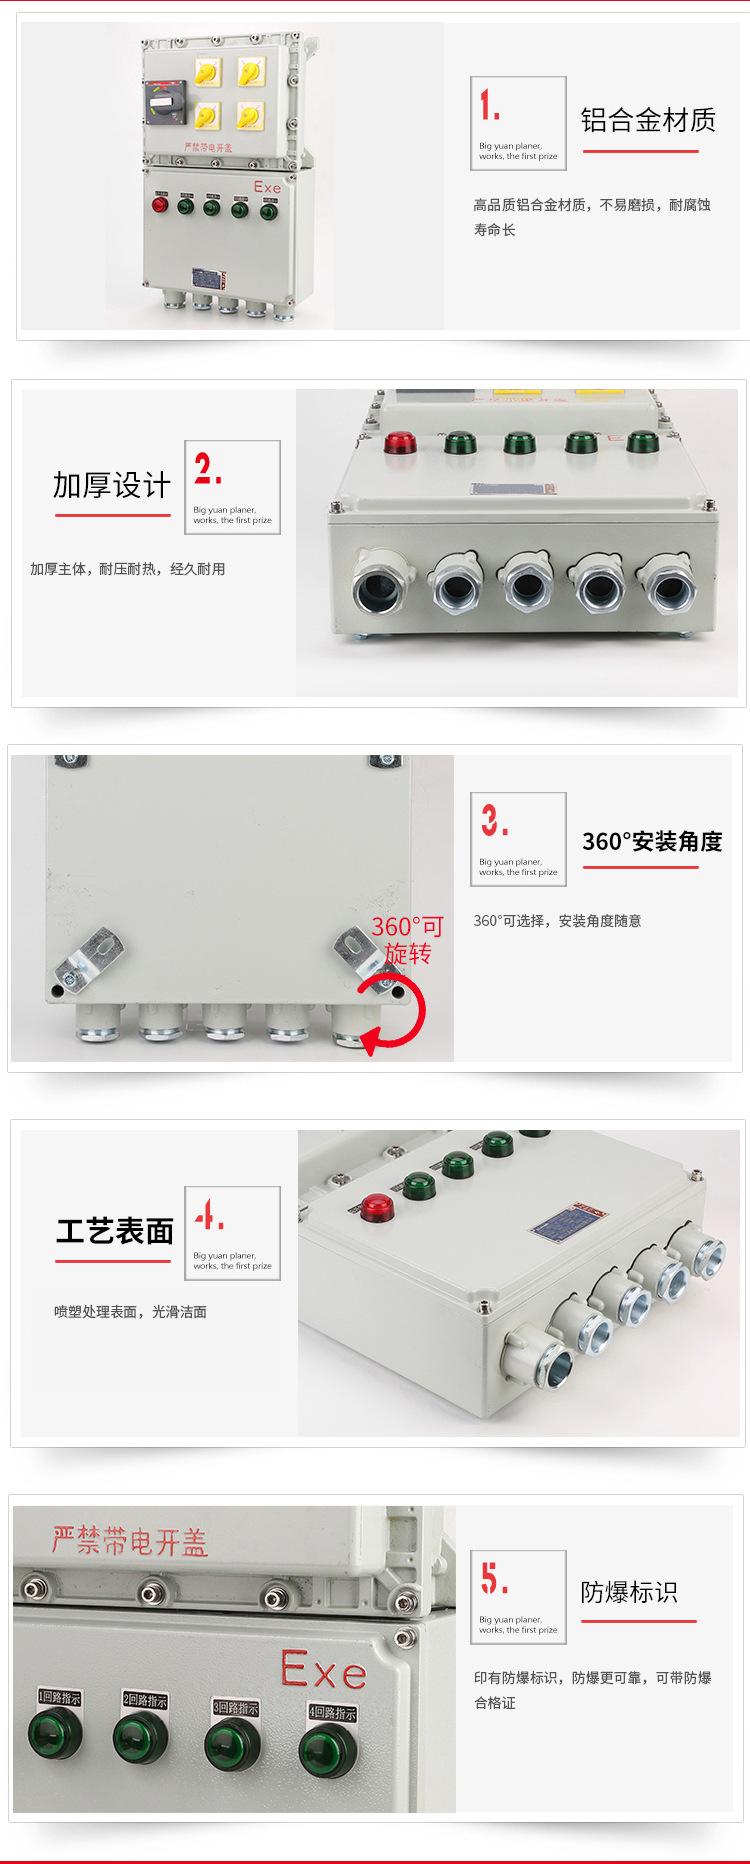 隆业供应-不锈钢防爆接线箱304不锈钢BXM(D)52防爆配电箱示例图8